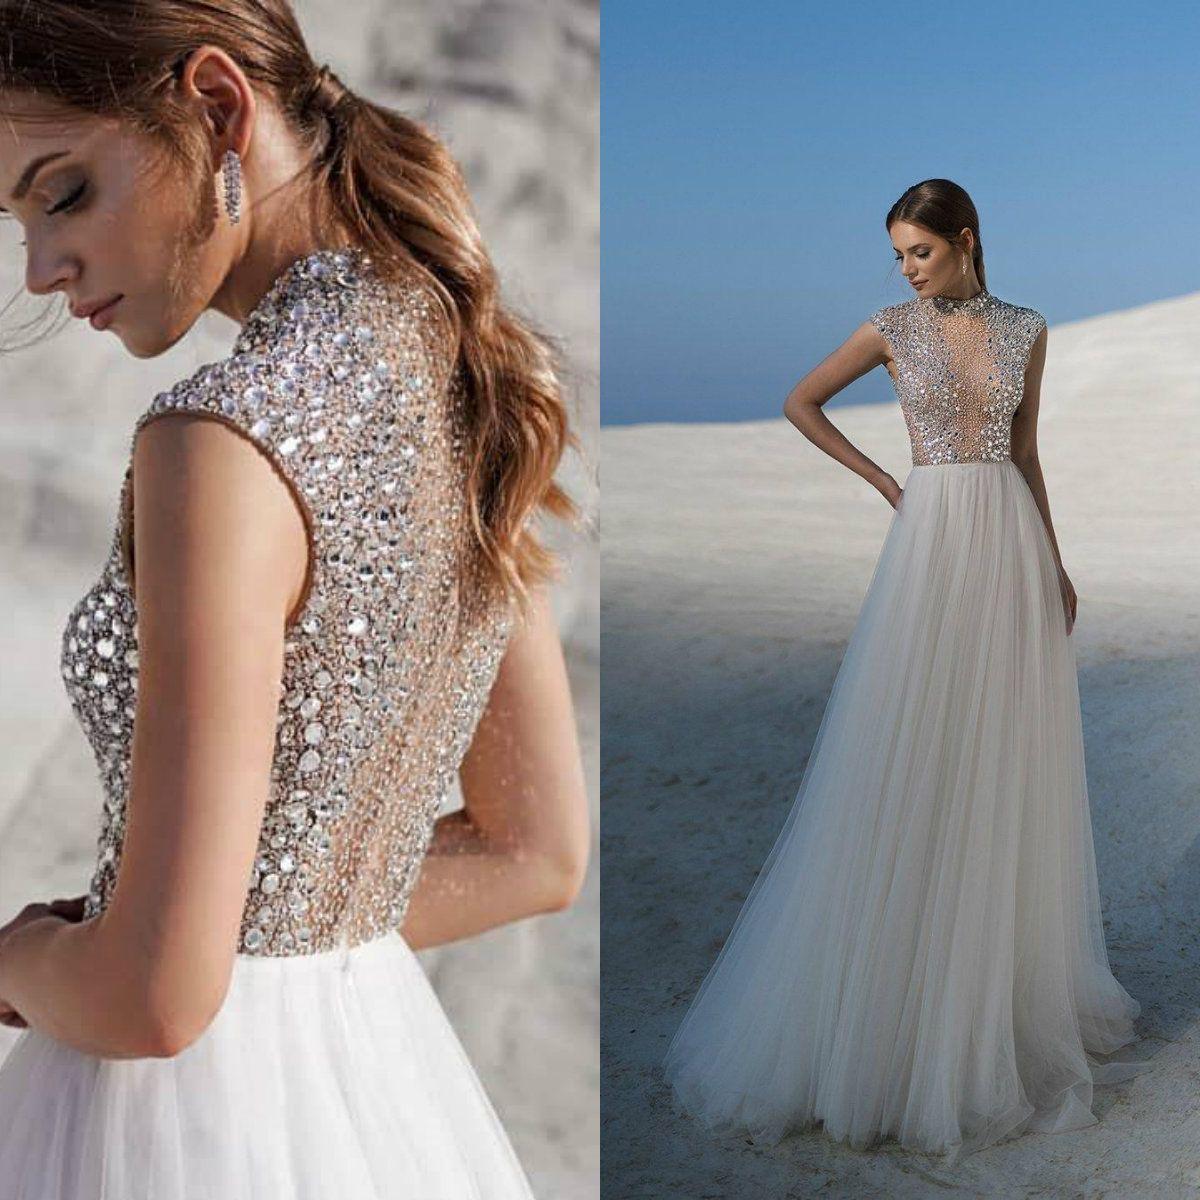 Lussanobridal Beach Abiti da sposa 2020 alto collo illusione di cristallo abito da sposa senza maniche Zipper Back Plus Size Un abito da sposa linea